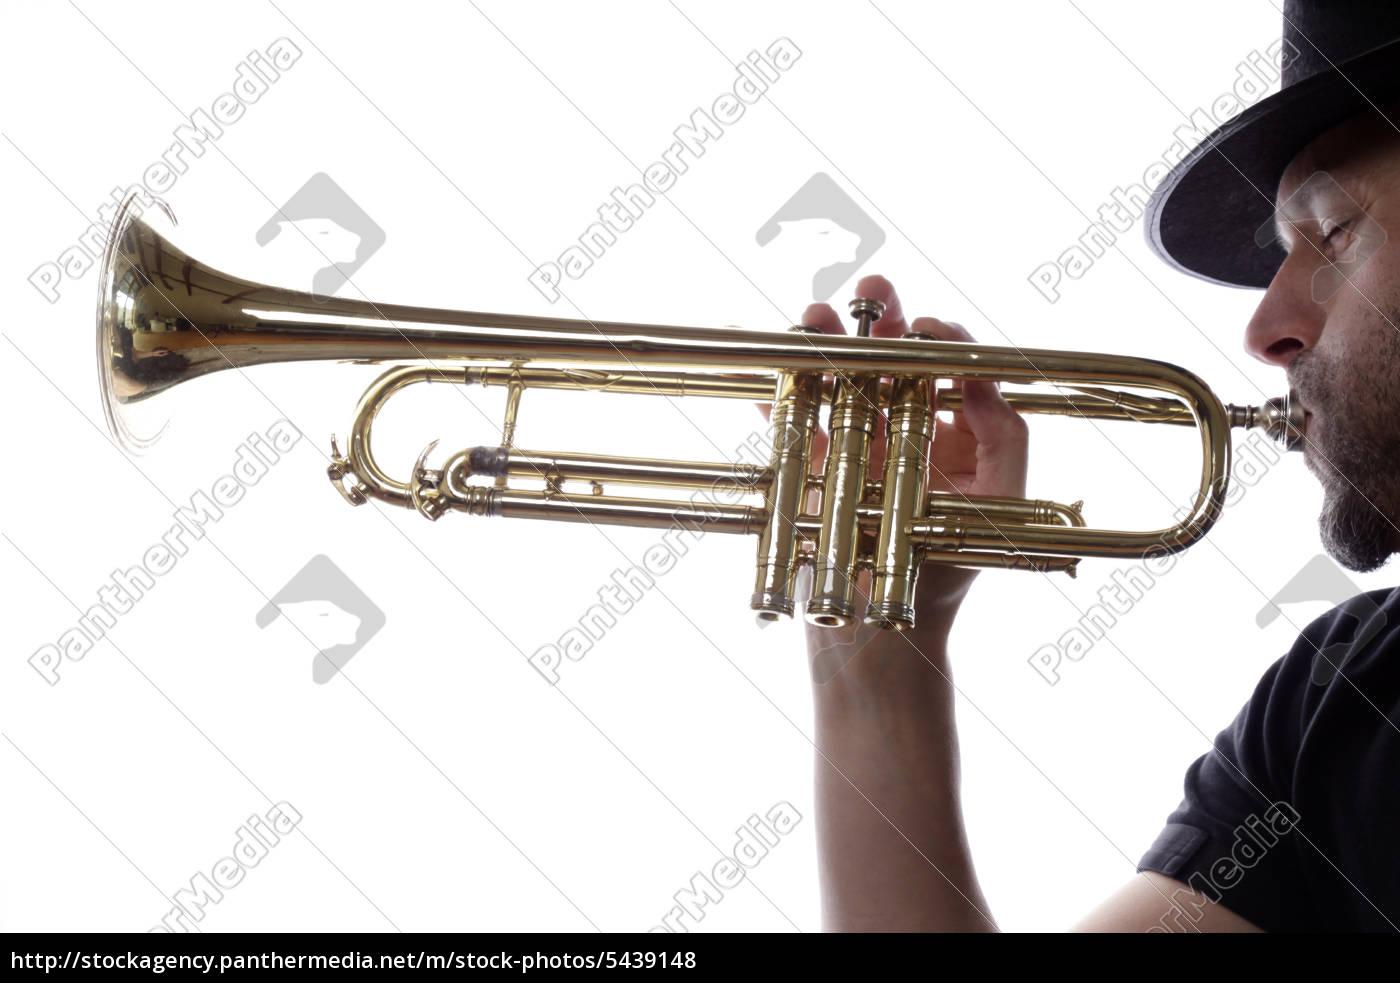 suonare, la, tromba - 5439148